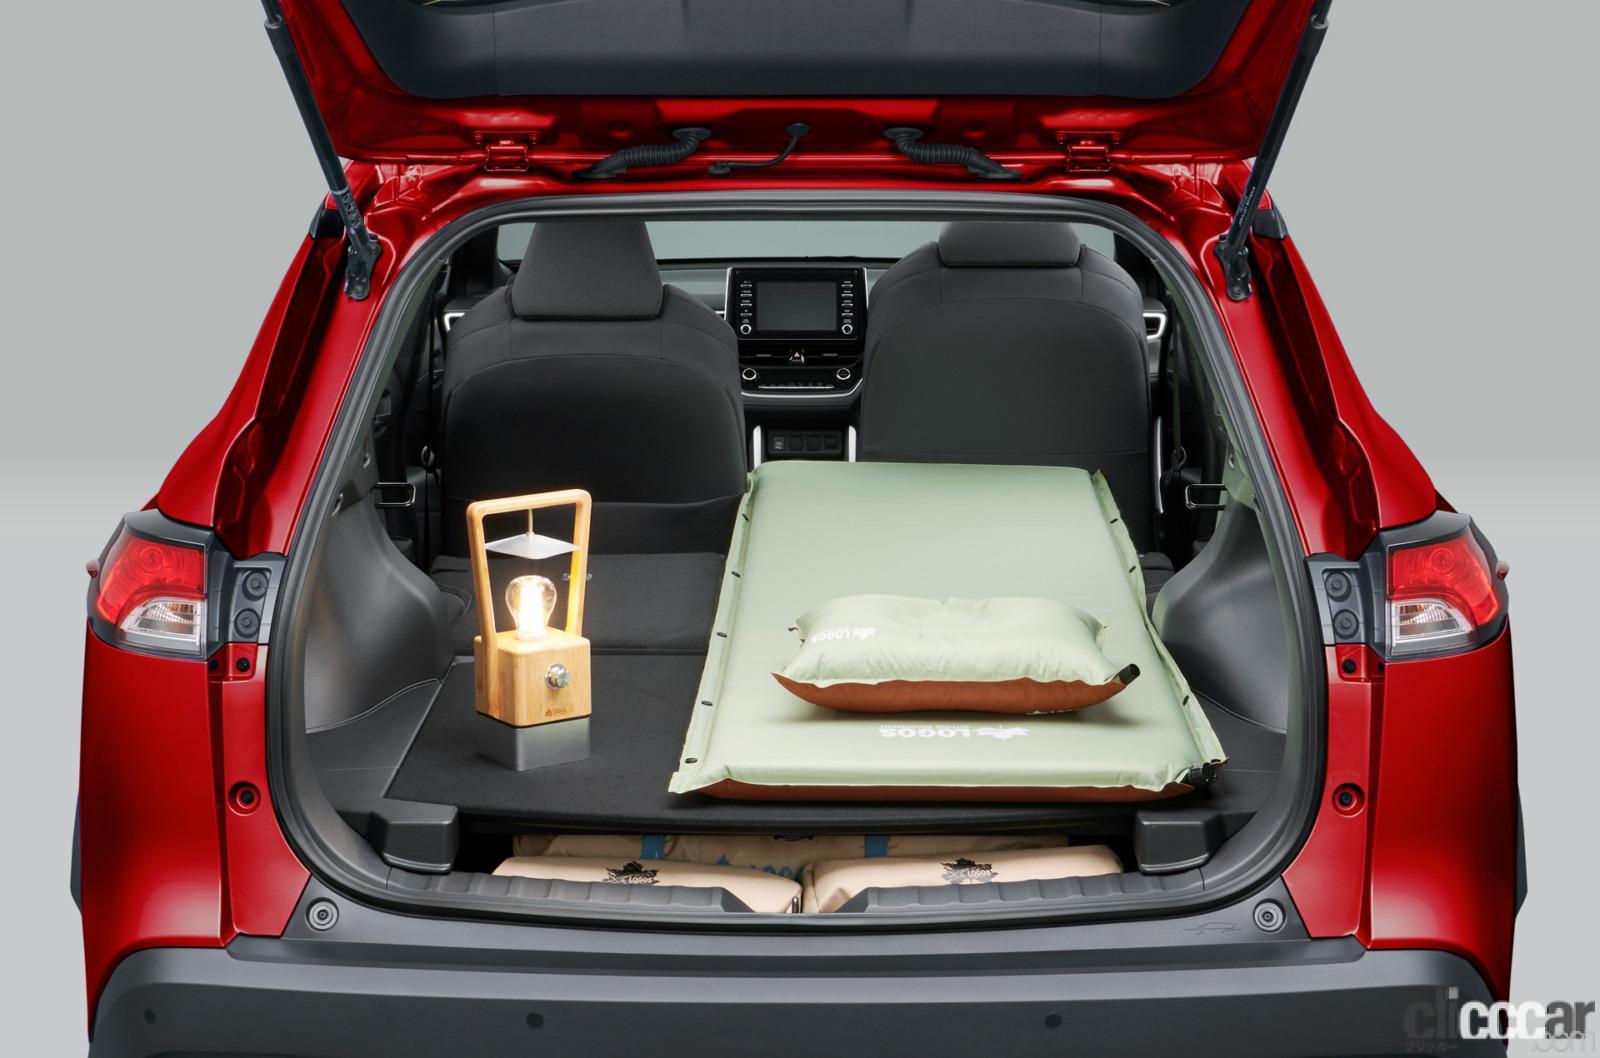 「トヨタ新型カローラ クロス発売。ボディサイズやラゲッジスペースはC-HRとどう違う?」の6枚目の画像